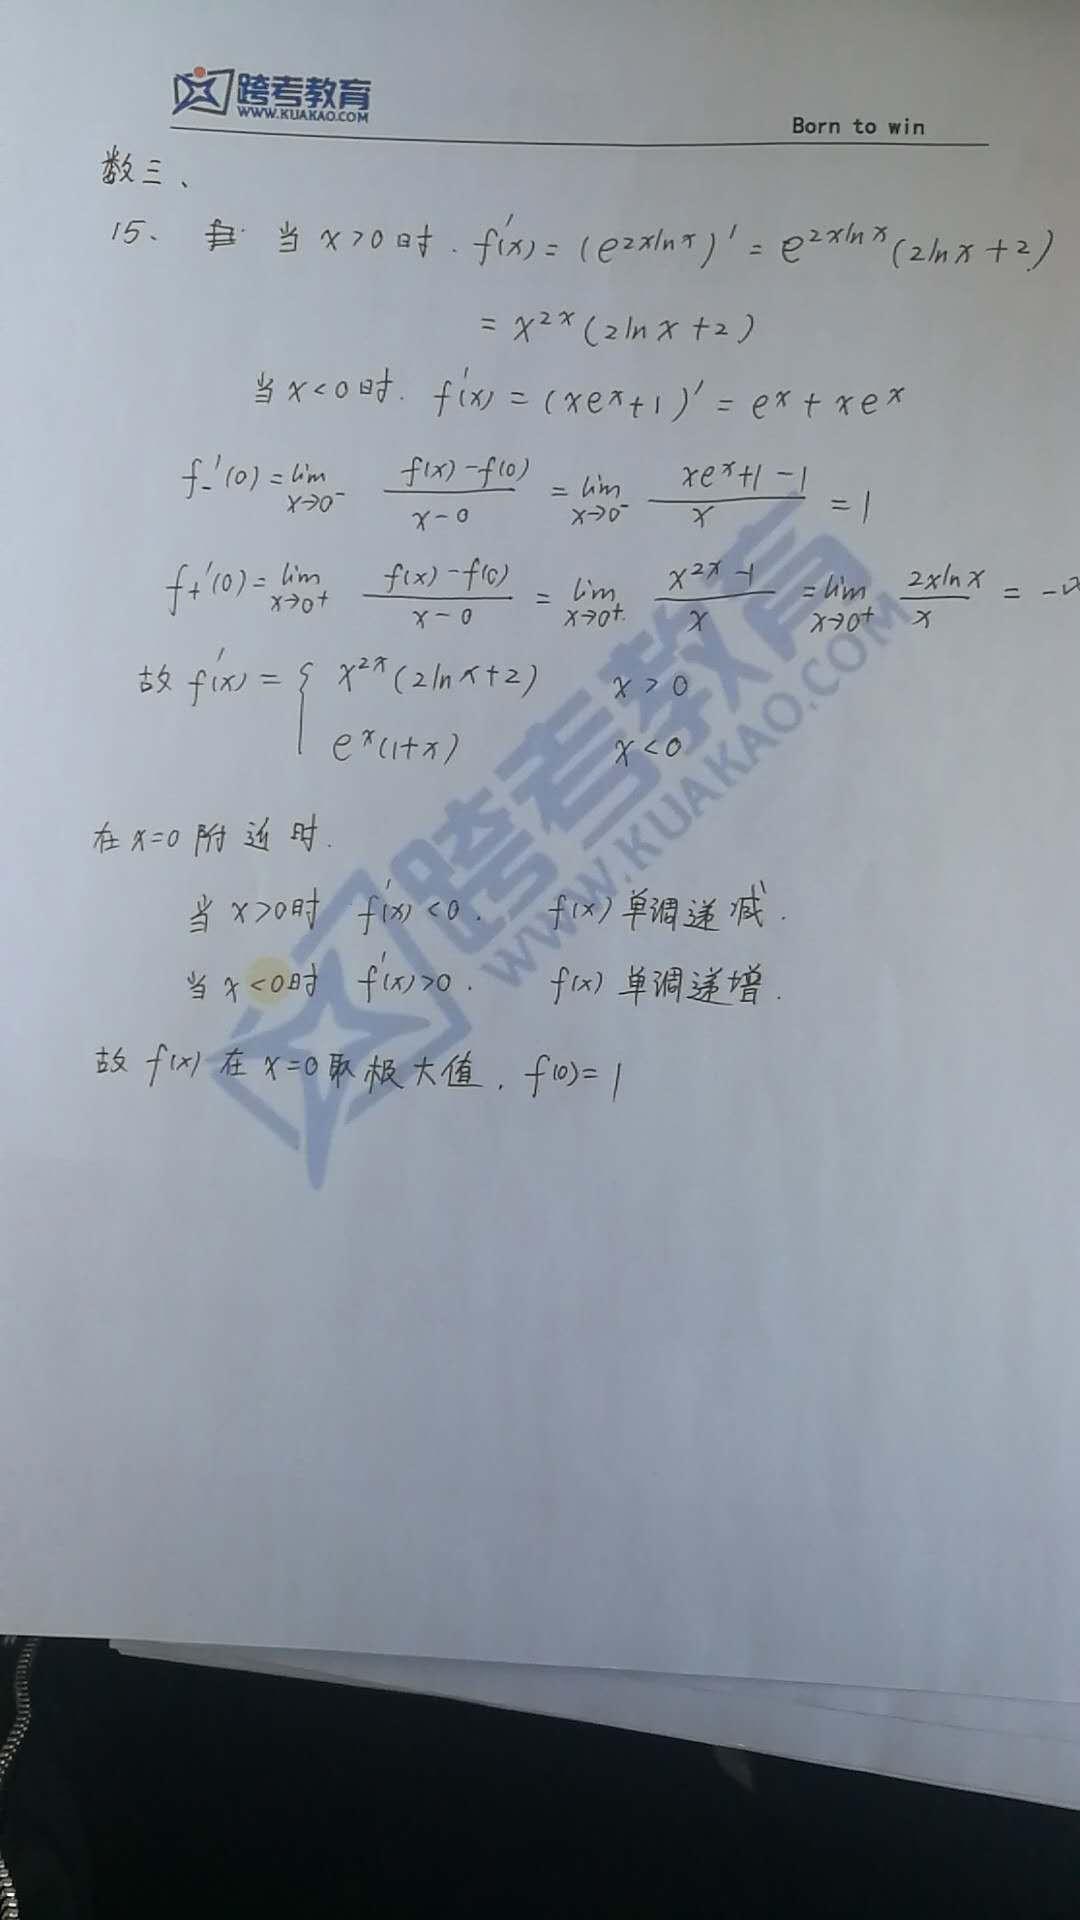 2019考研数学三真题答案解析:部分解答题真题答案(跨考版)